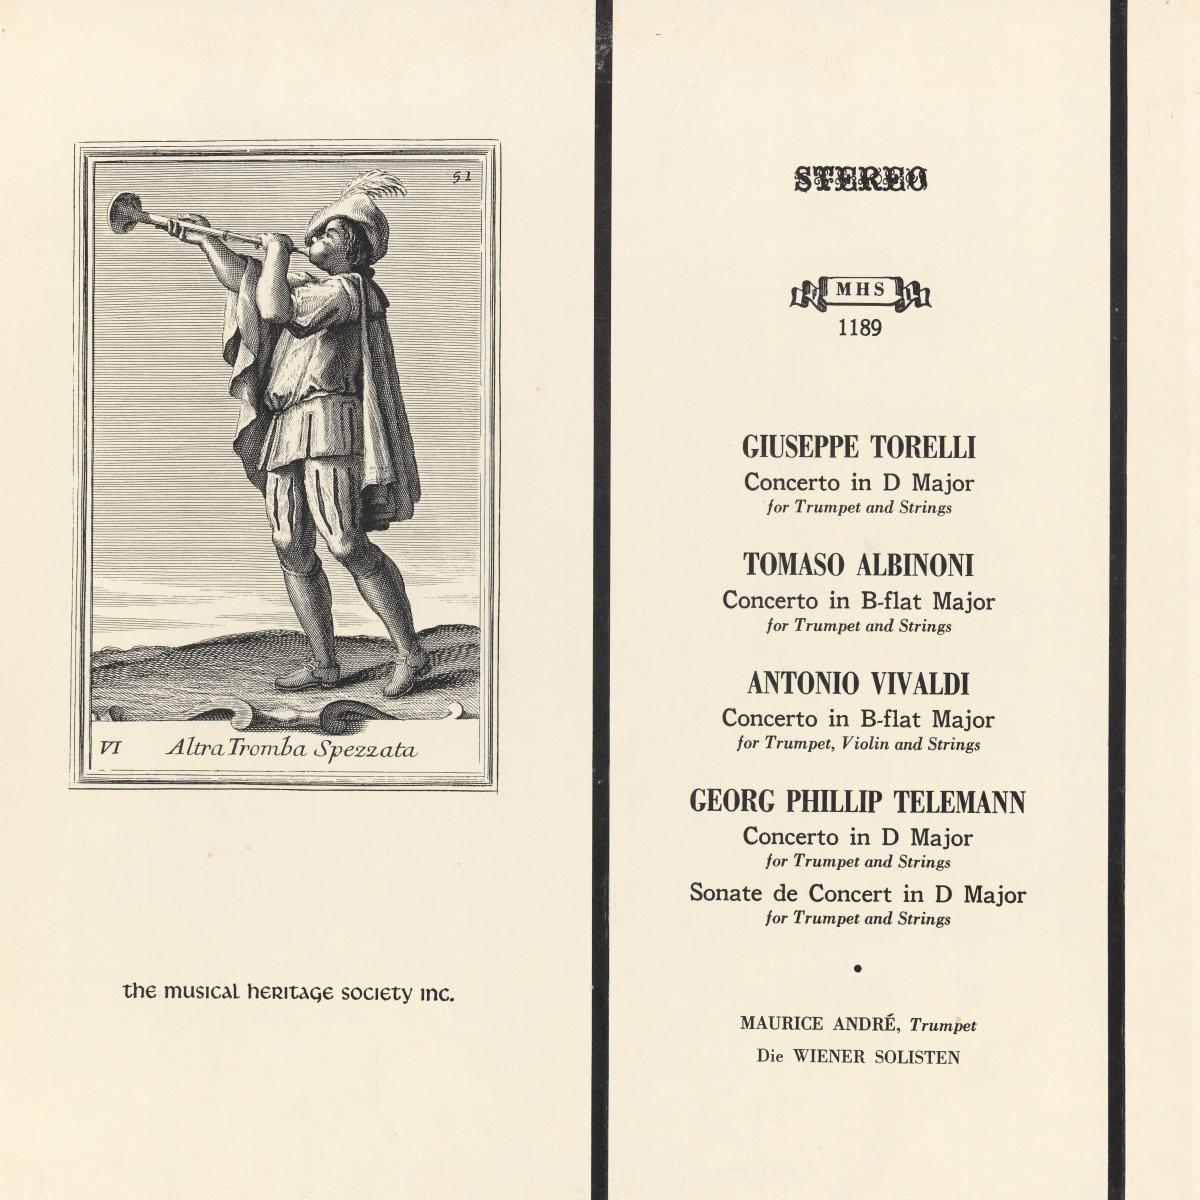 Recto de la pochette du disque Musical Heritage Socienty Inc. MHS 1189